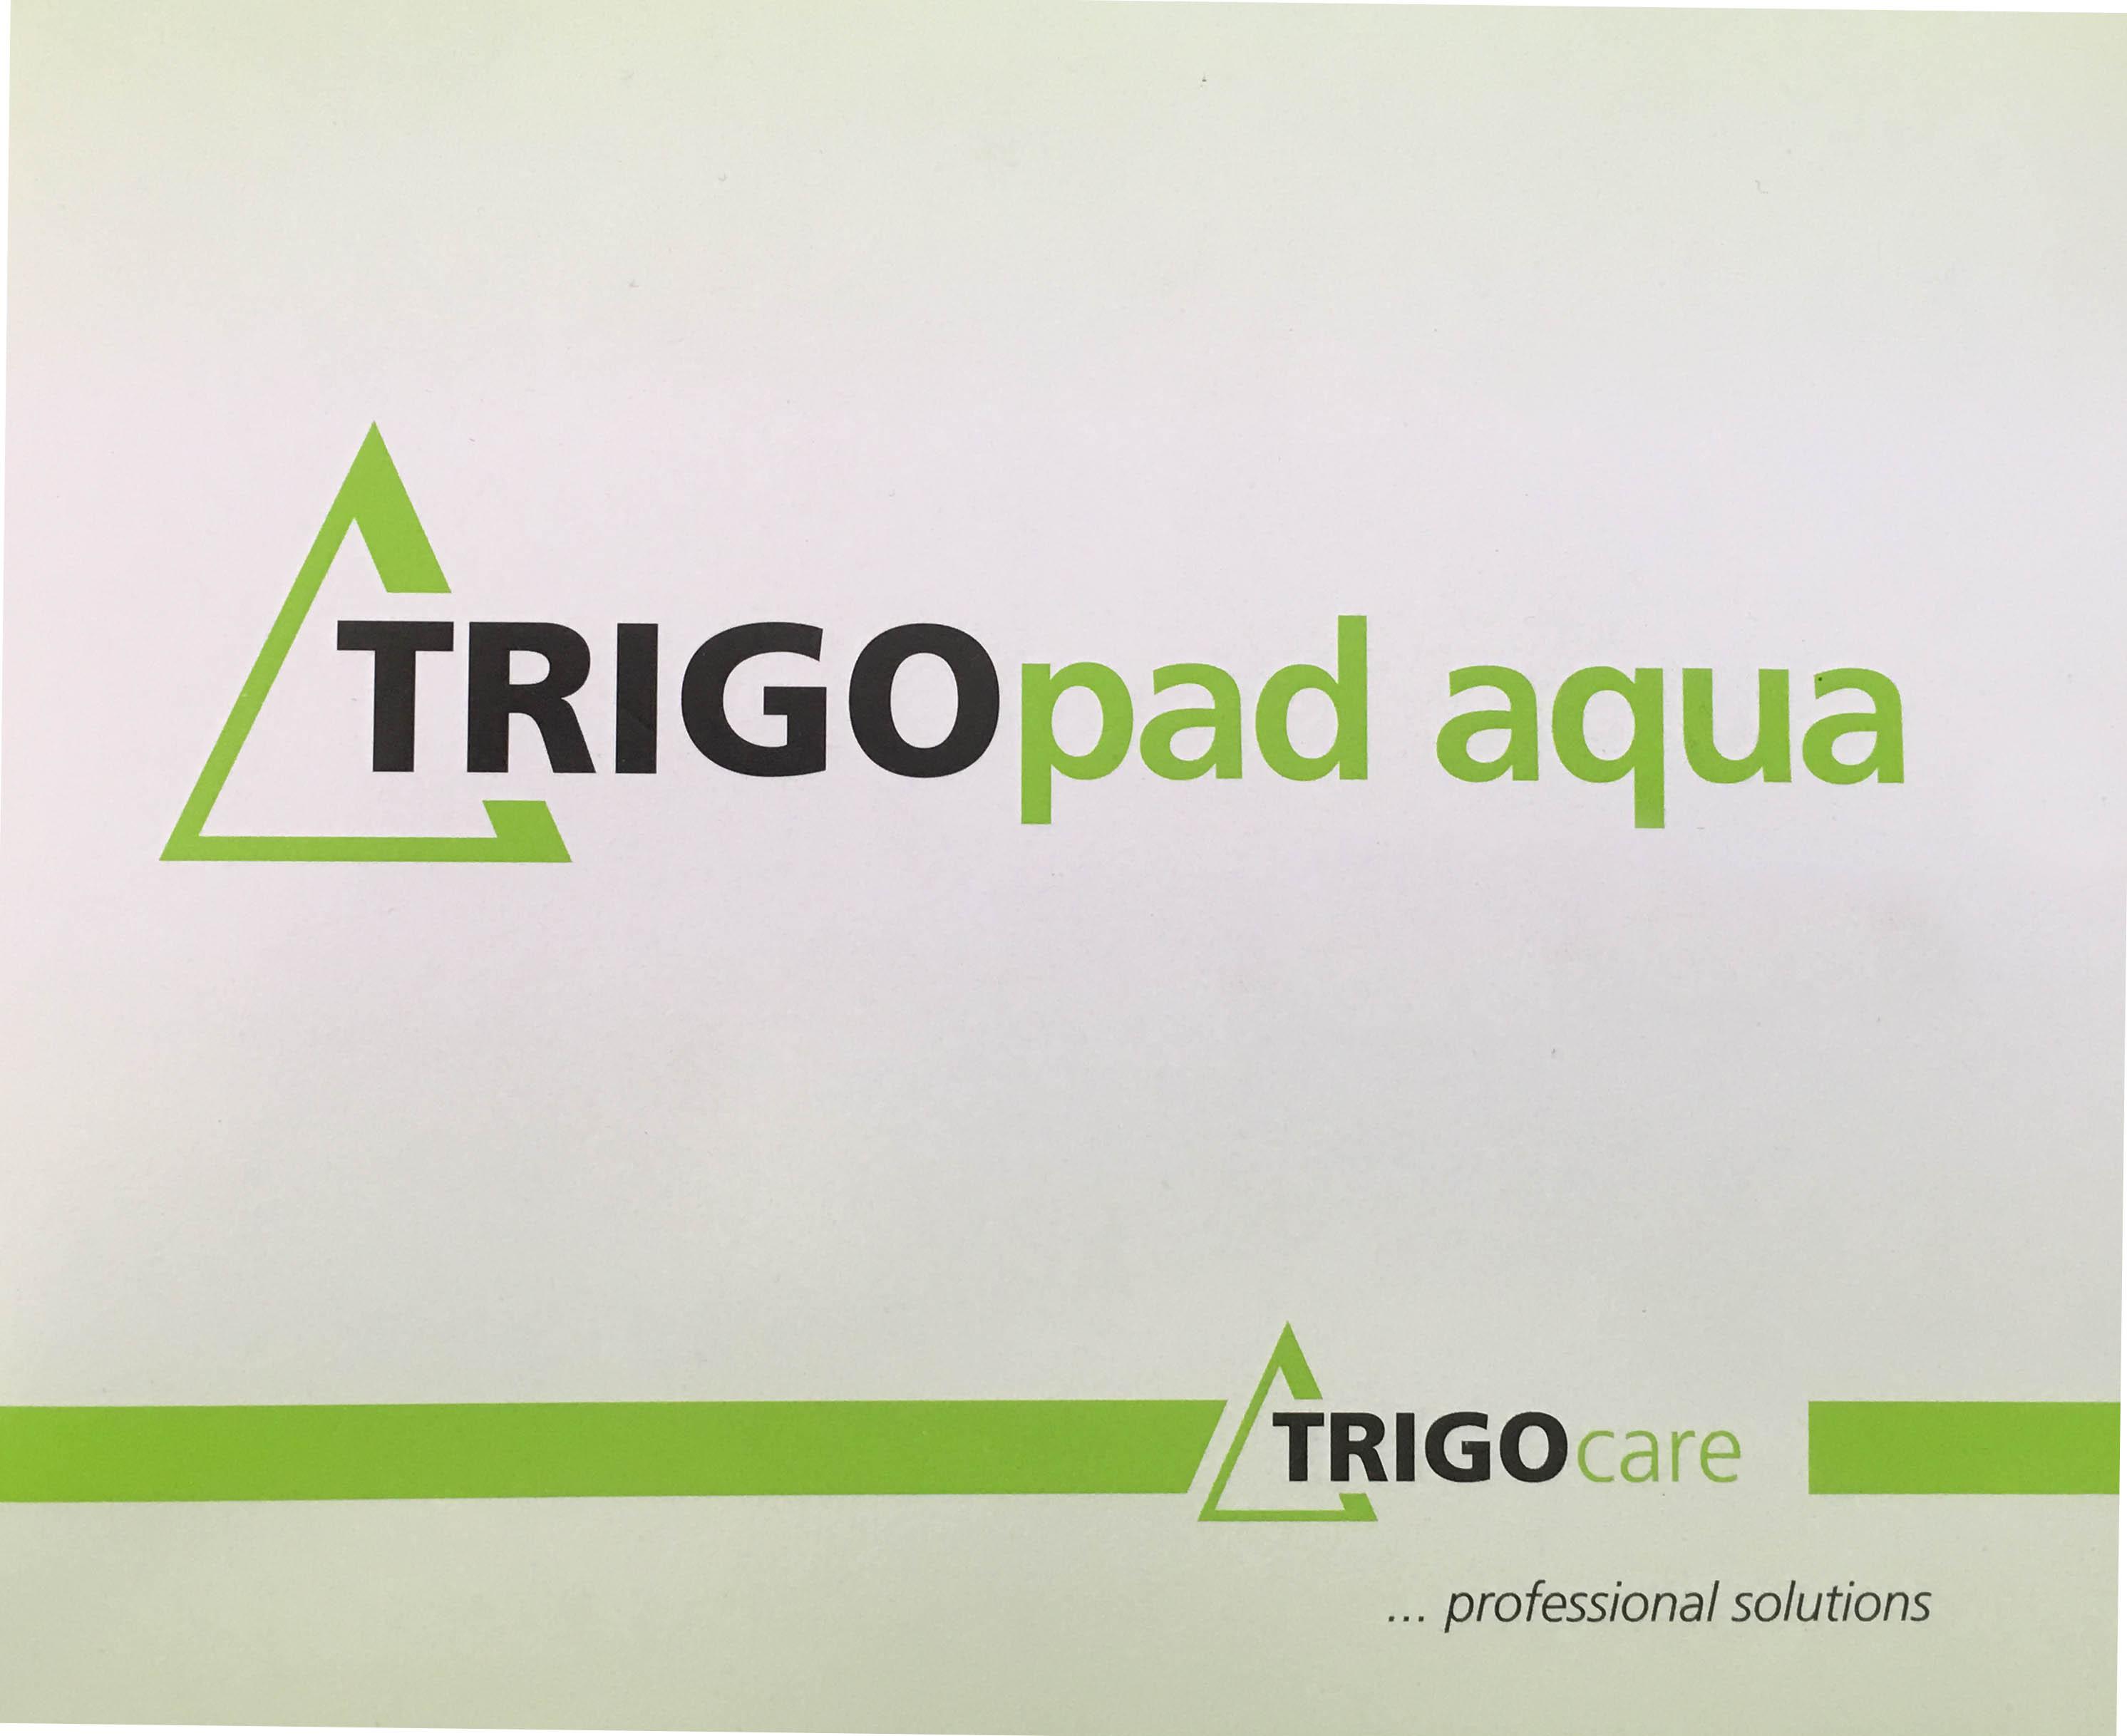 Trigo-pad aqua